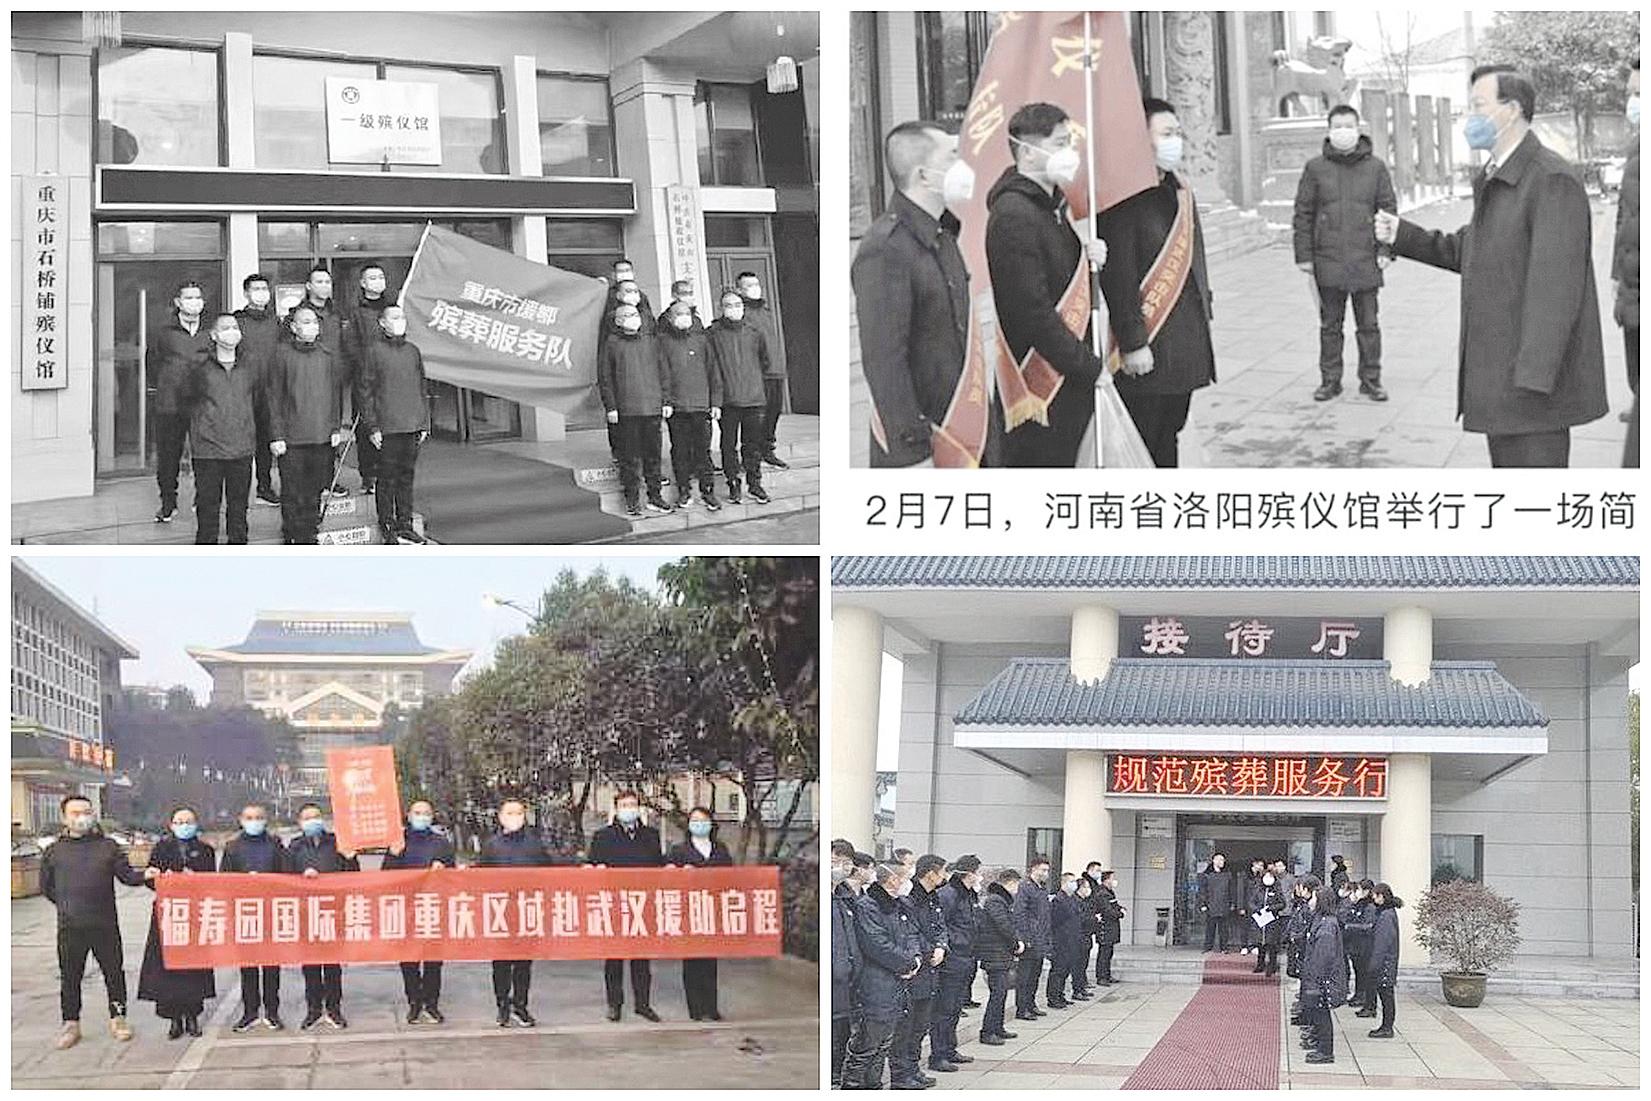 中國大陸多地殯儀館支援武漢。(截圖合成圖片)